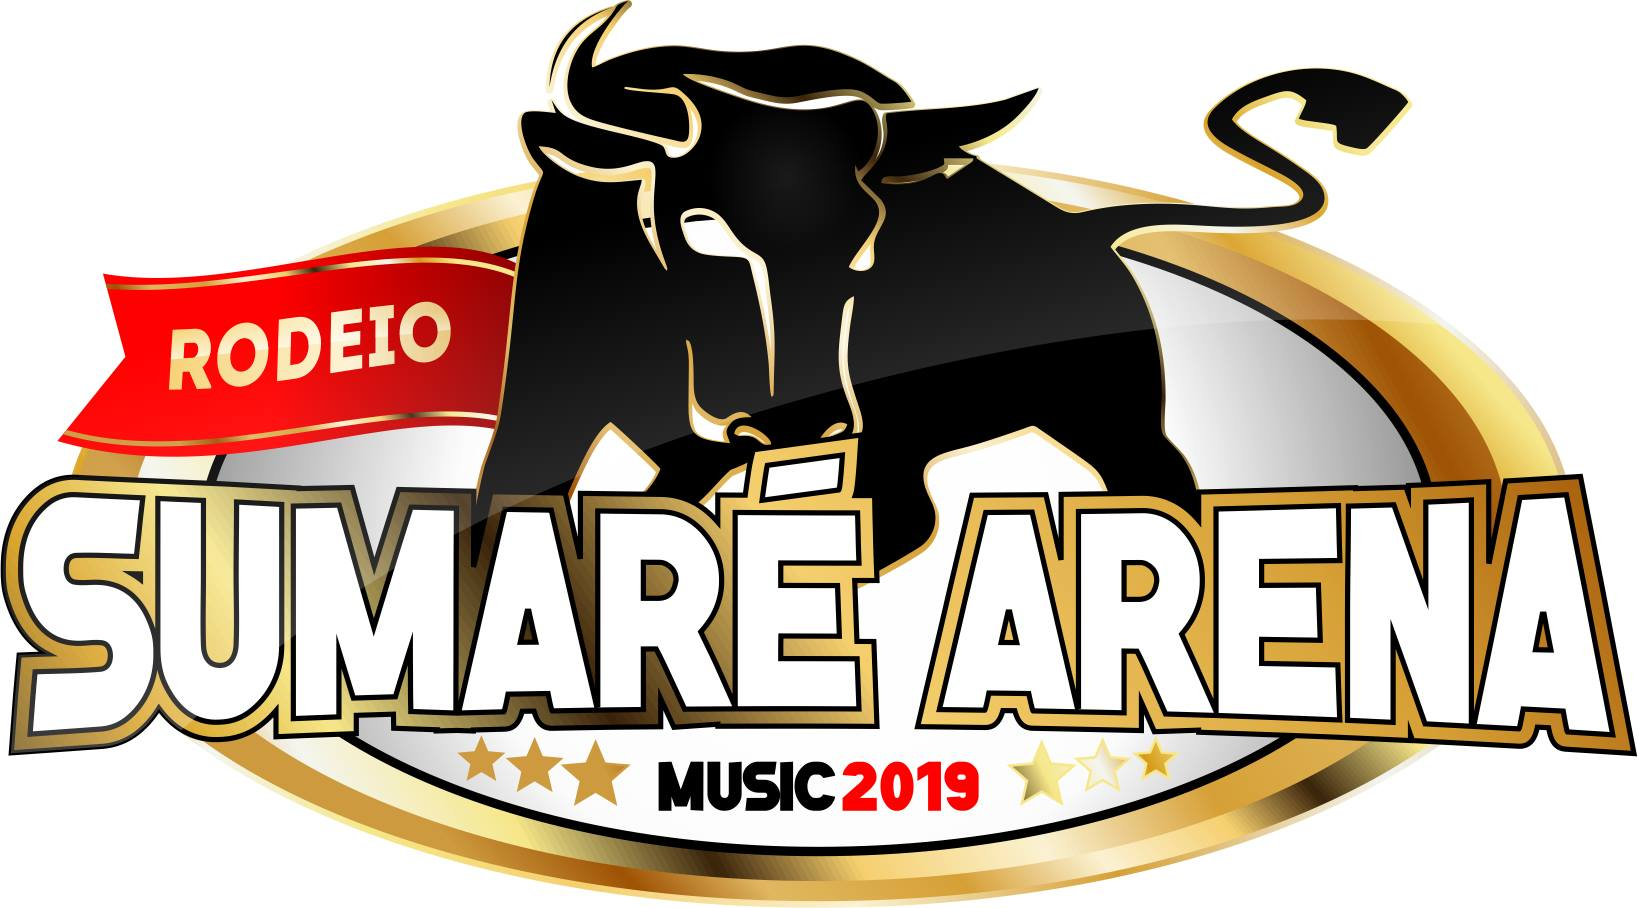 Vai começar o Sumaré Arena Music 2019 41